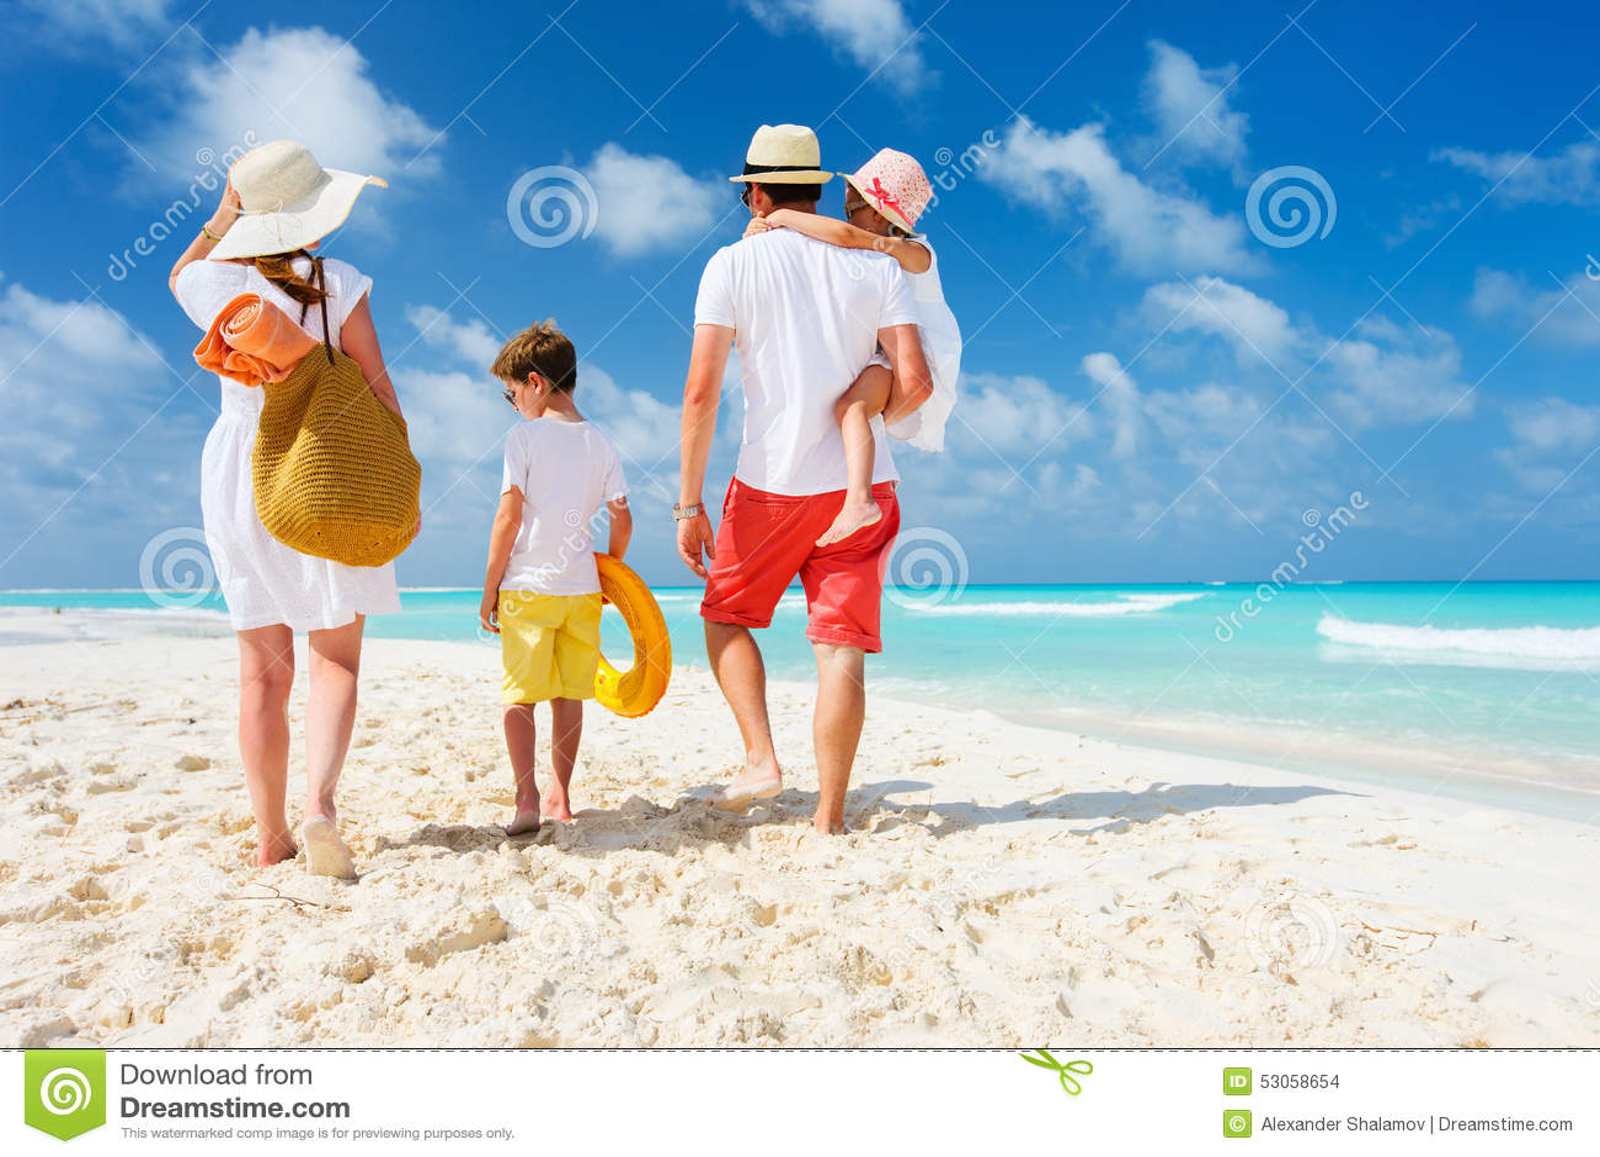 Vacances de plage de famille